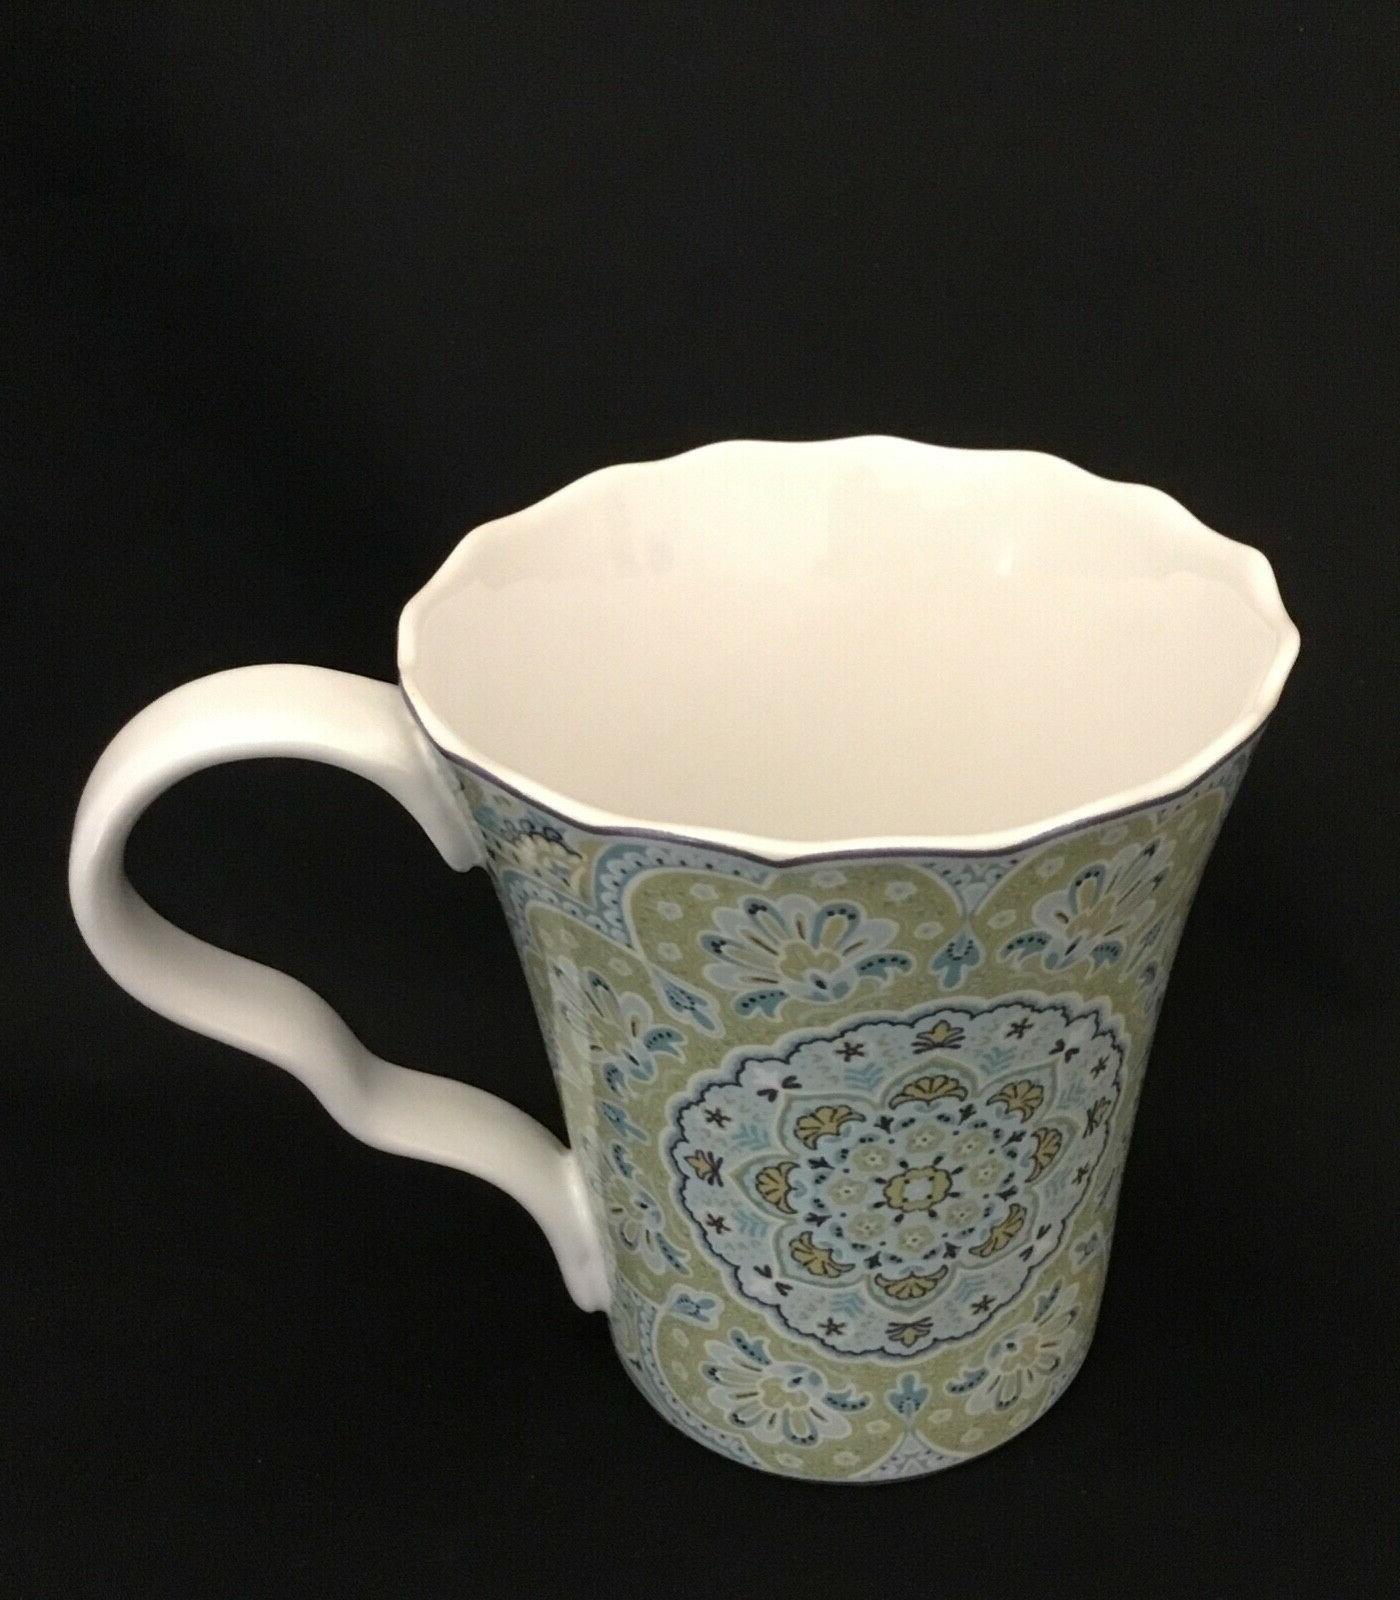 lyria teal set of 4 coffee tea